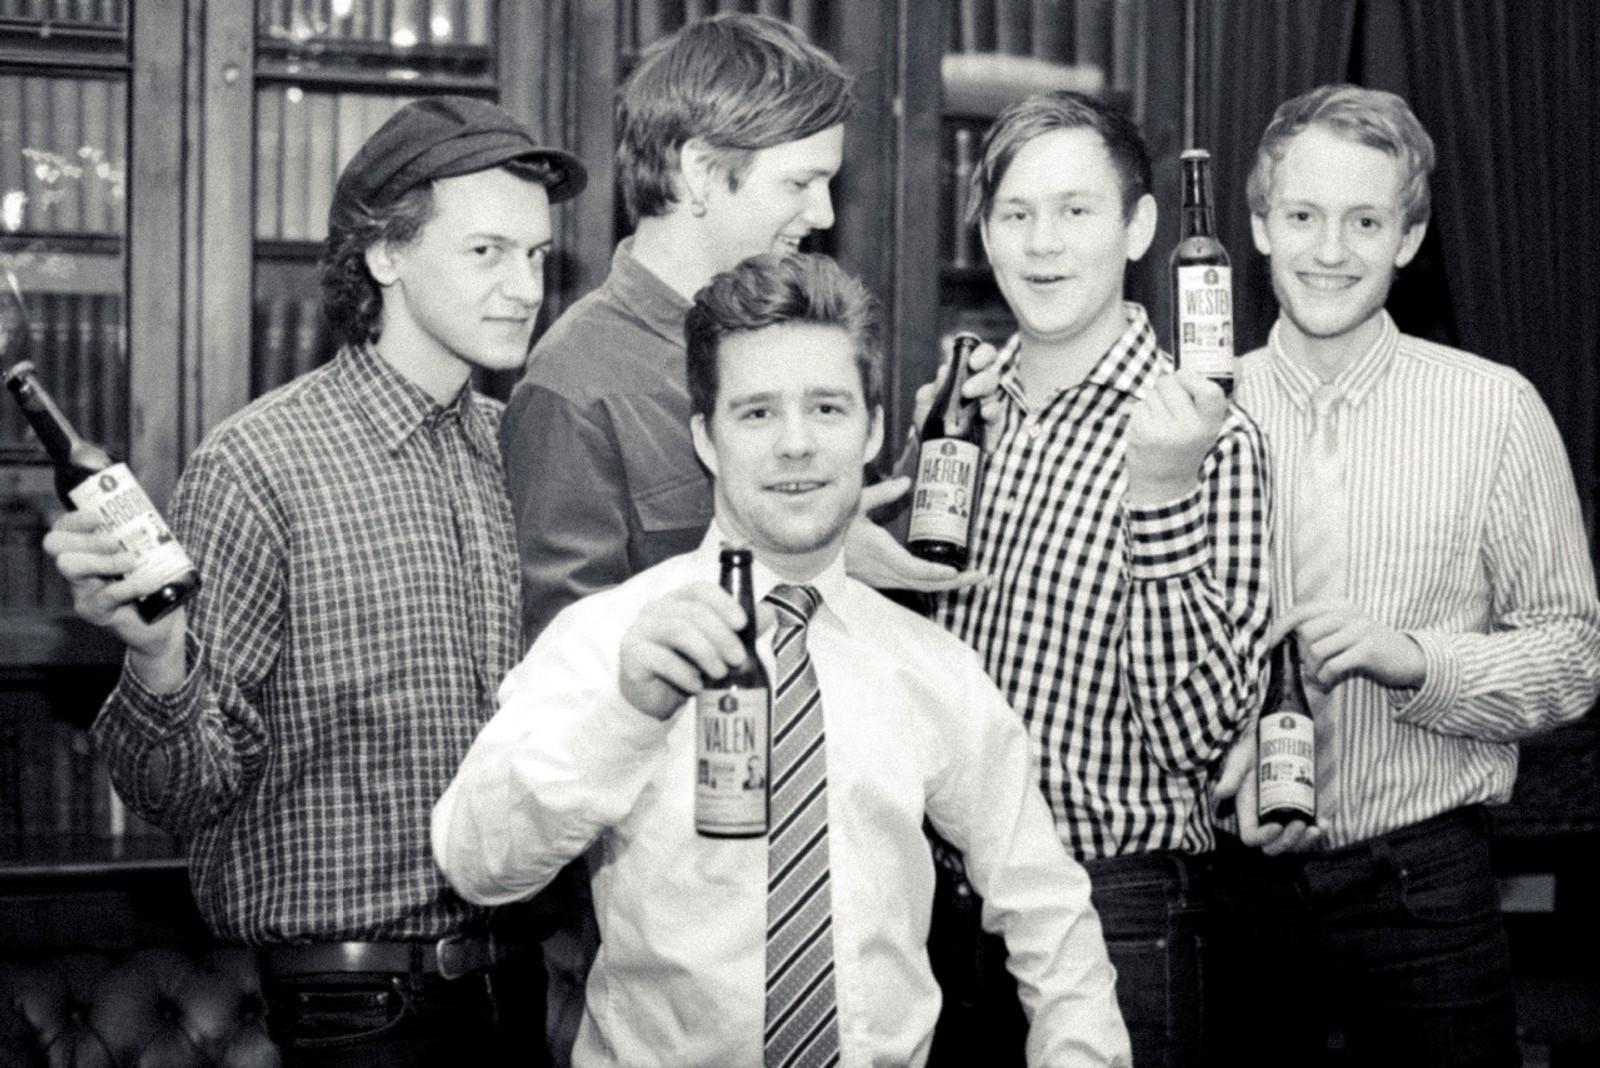 Som beboer på Studenterhjemmet blir man fort bevisst på husets historie. I min tid på huset startet vi bryggelag, og da hedret vi selvfølgelig forbilder som Sigbjørn Obstfelder og Arne Garborg på etikettene. (Fra venstre: David Sviland, Thomas Espevik, Martin Braut Tjelle, Geir Strandenæs Larsen. Foran: Per Sigve Særheim.